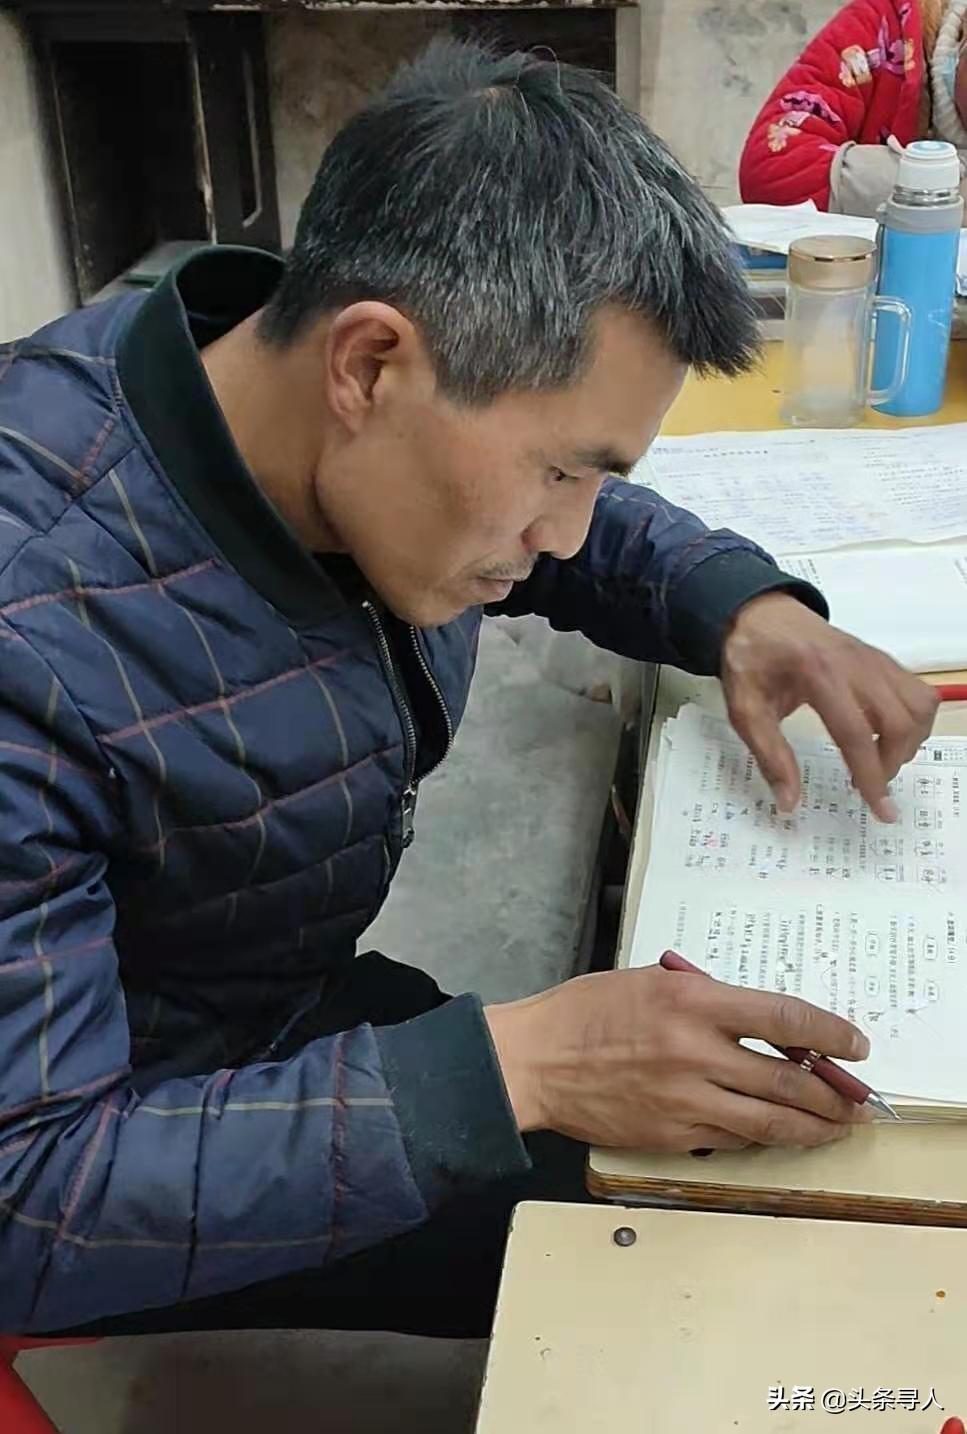 河南周口80后乡村小学校长与学生同吃同住,三年时间黑发变白头